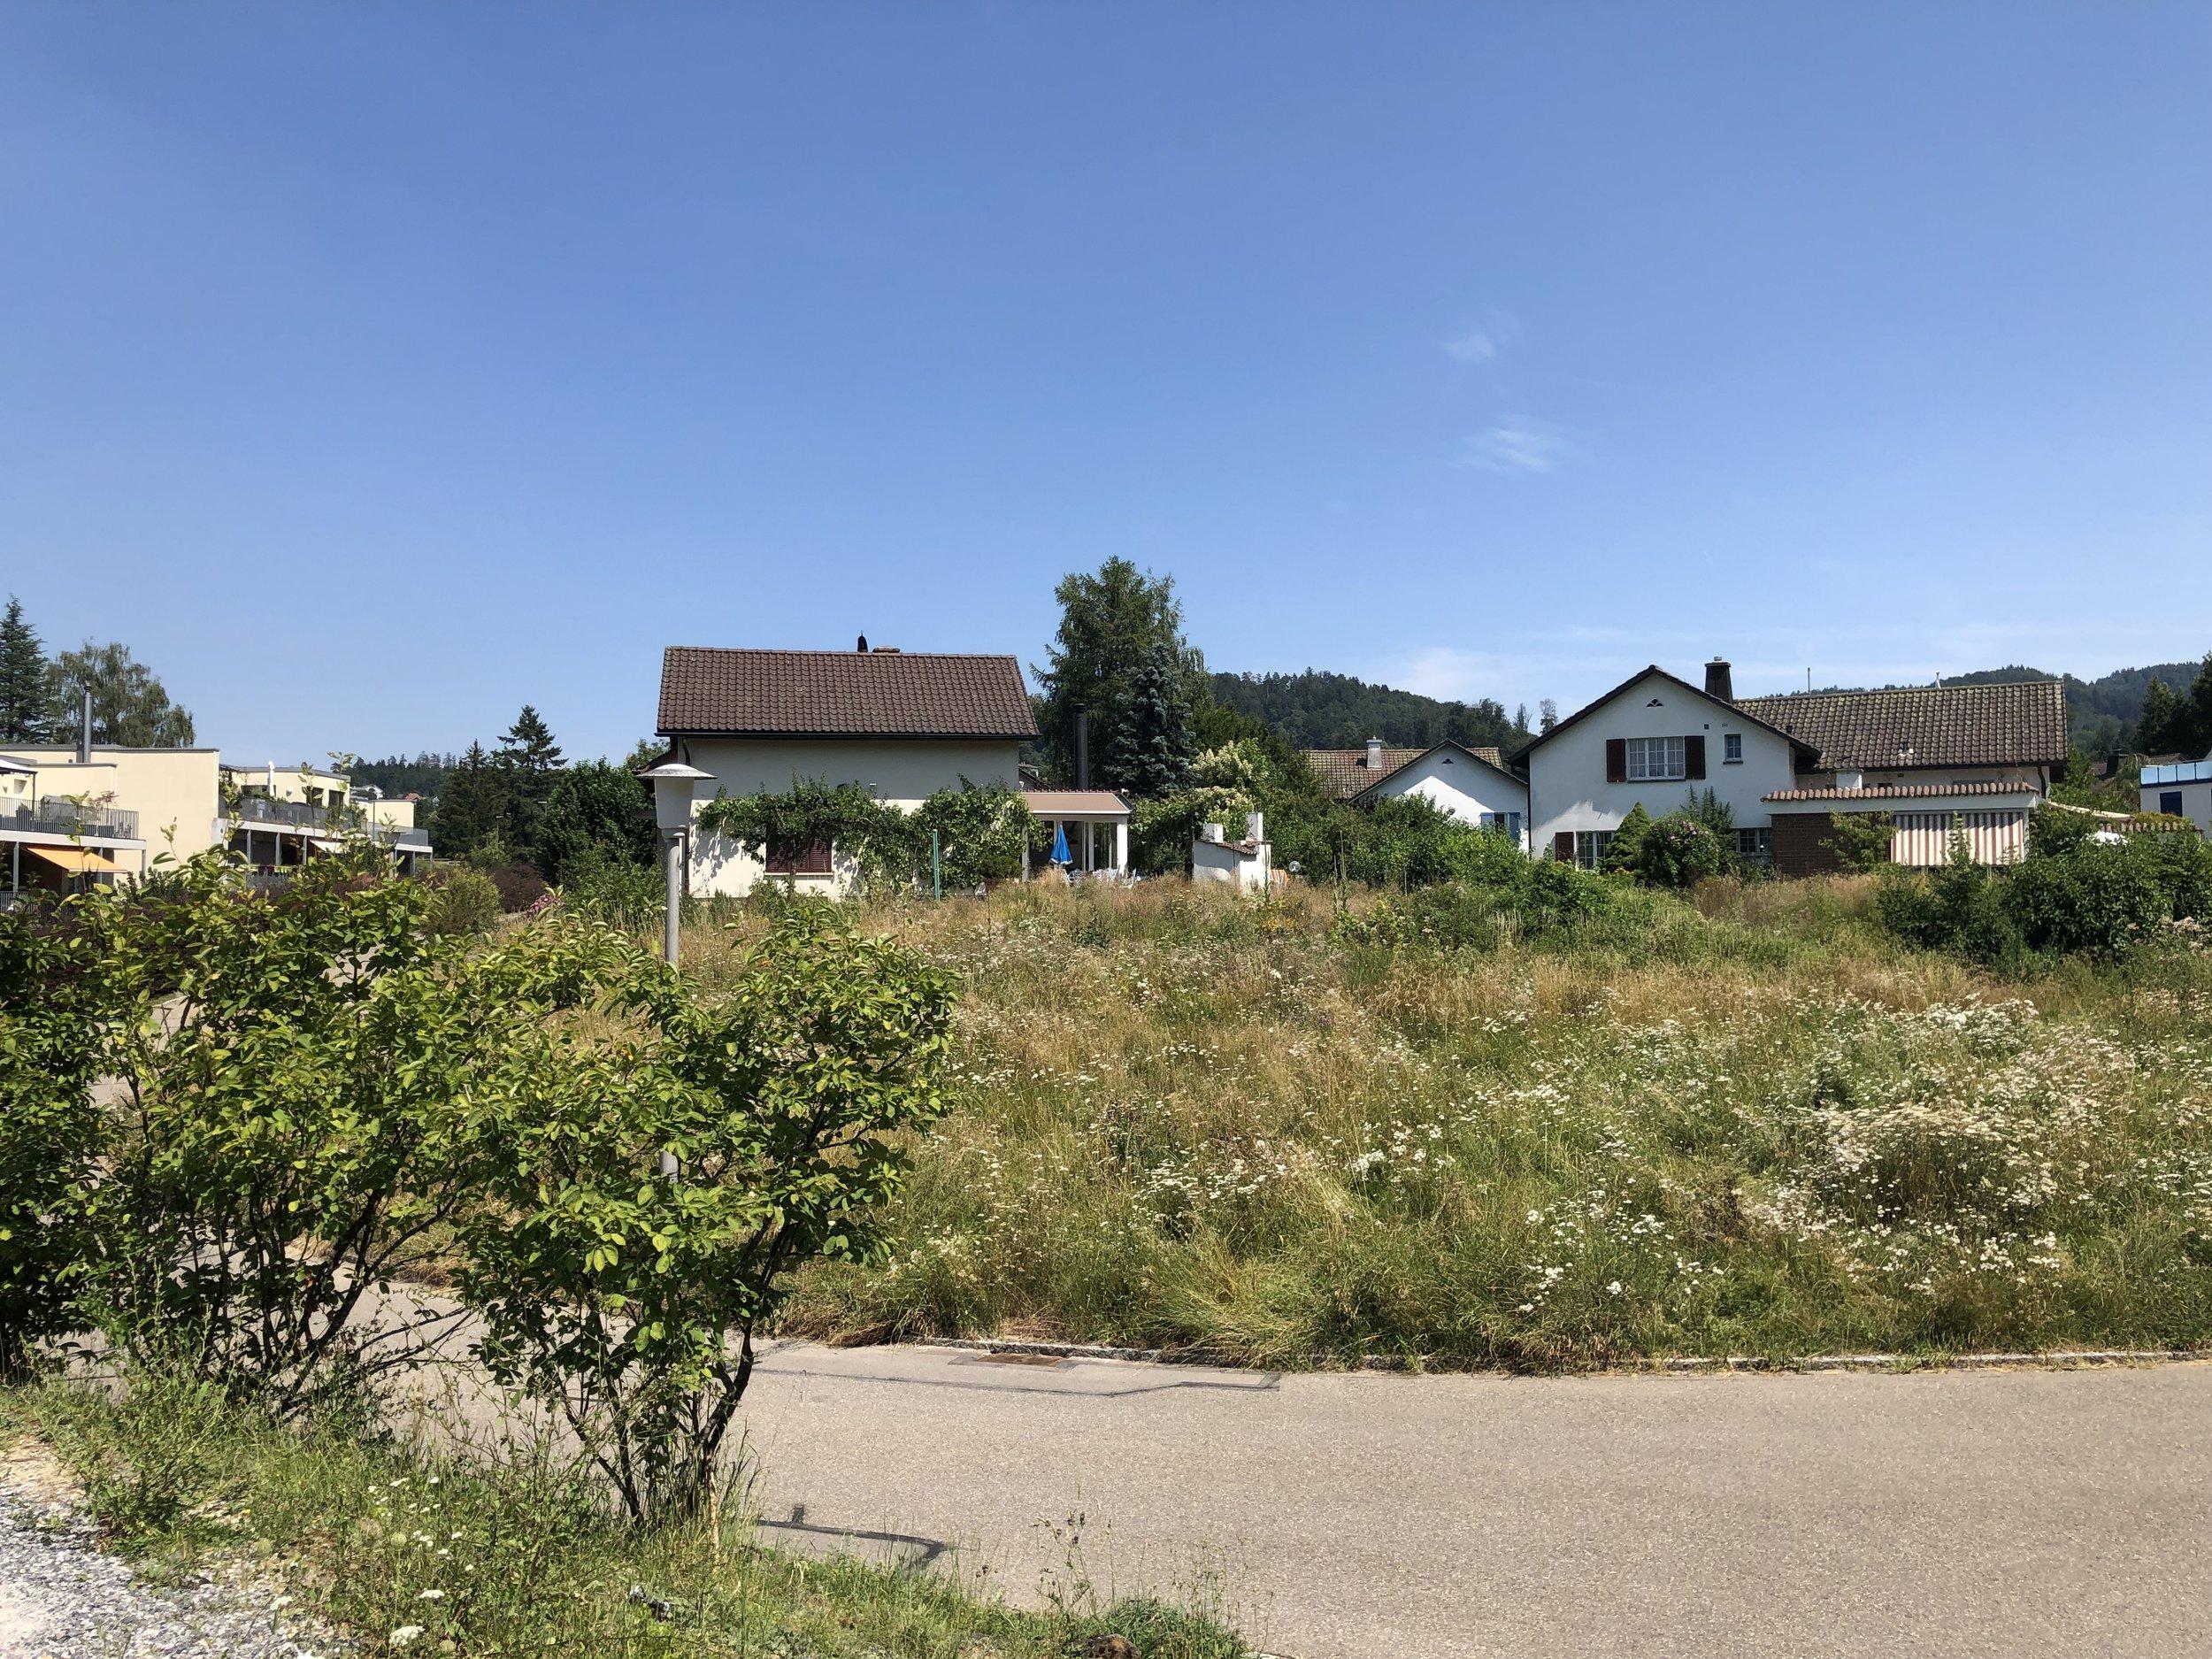 Waldstern - Himmlisch nah an Stadt und Wald. Birmensdorf Zürich Projektankündigung Verkauf Neubauprojekt Boll Immobilien .j